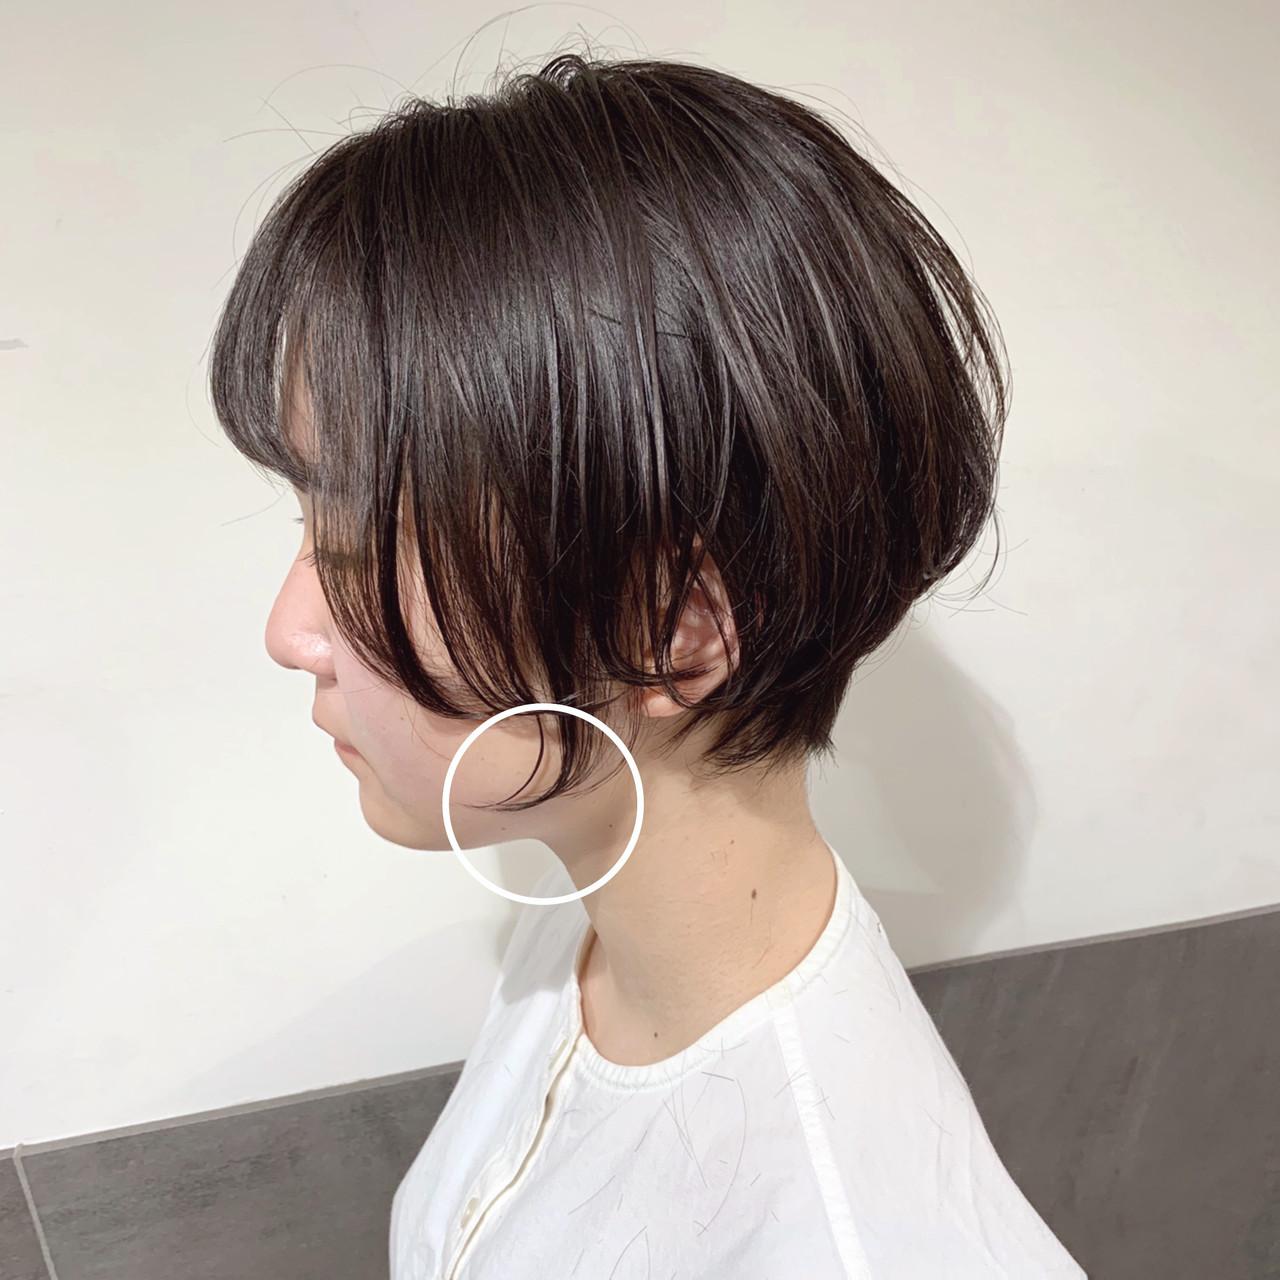 ナチュラル 小顔ショート ベリーショート ショートヘア ヘアスタイルや髪型の写真・画像 | オカモト ナツキ/ショートヘア / Neolive susu